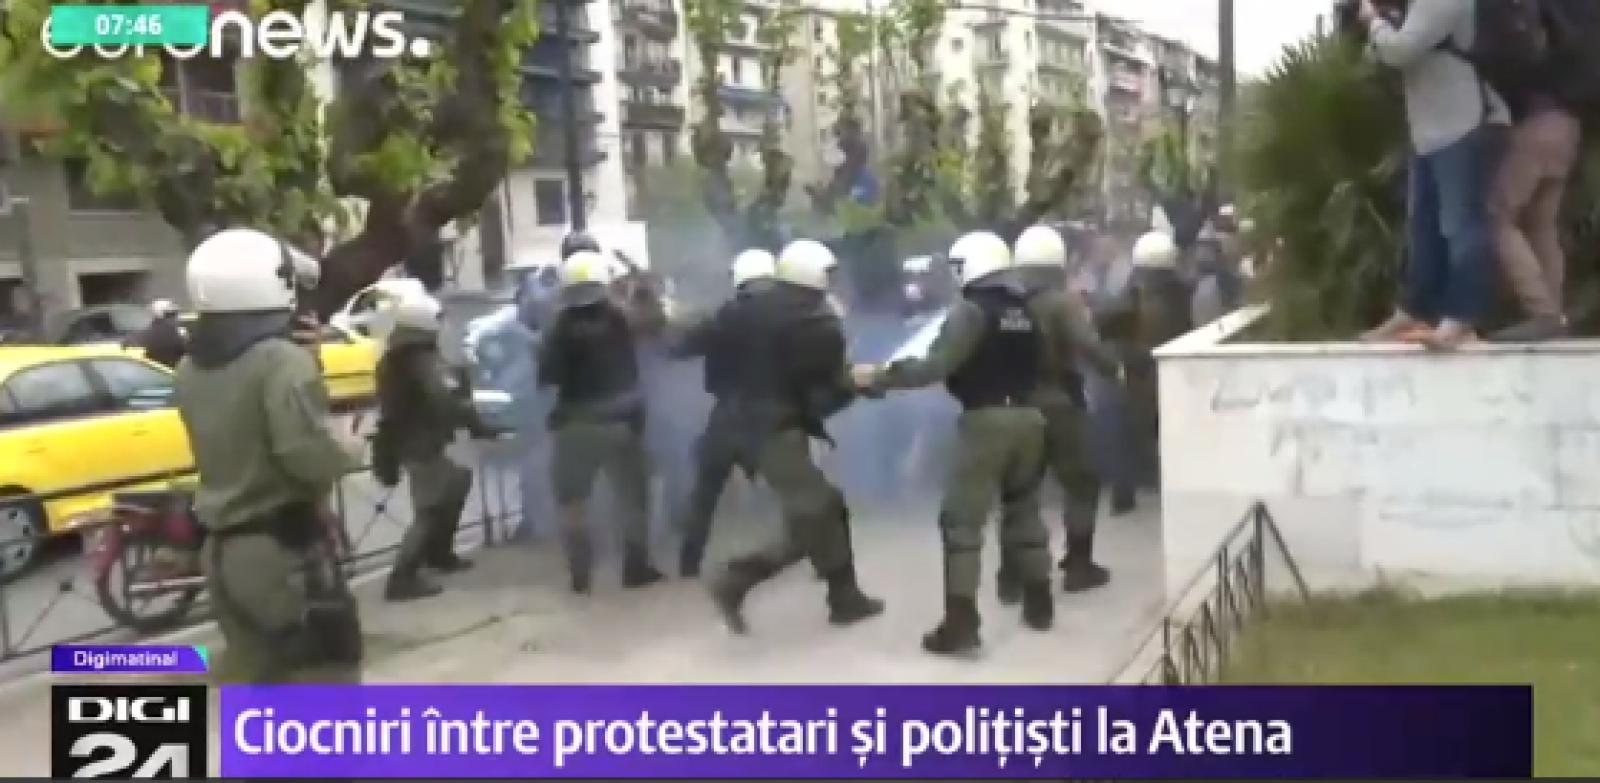 (video) Miting anti-SUA la Atena. Statuia președintelui Truman a fost vandalizată